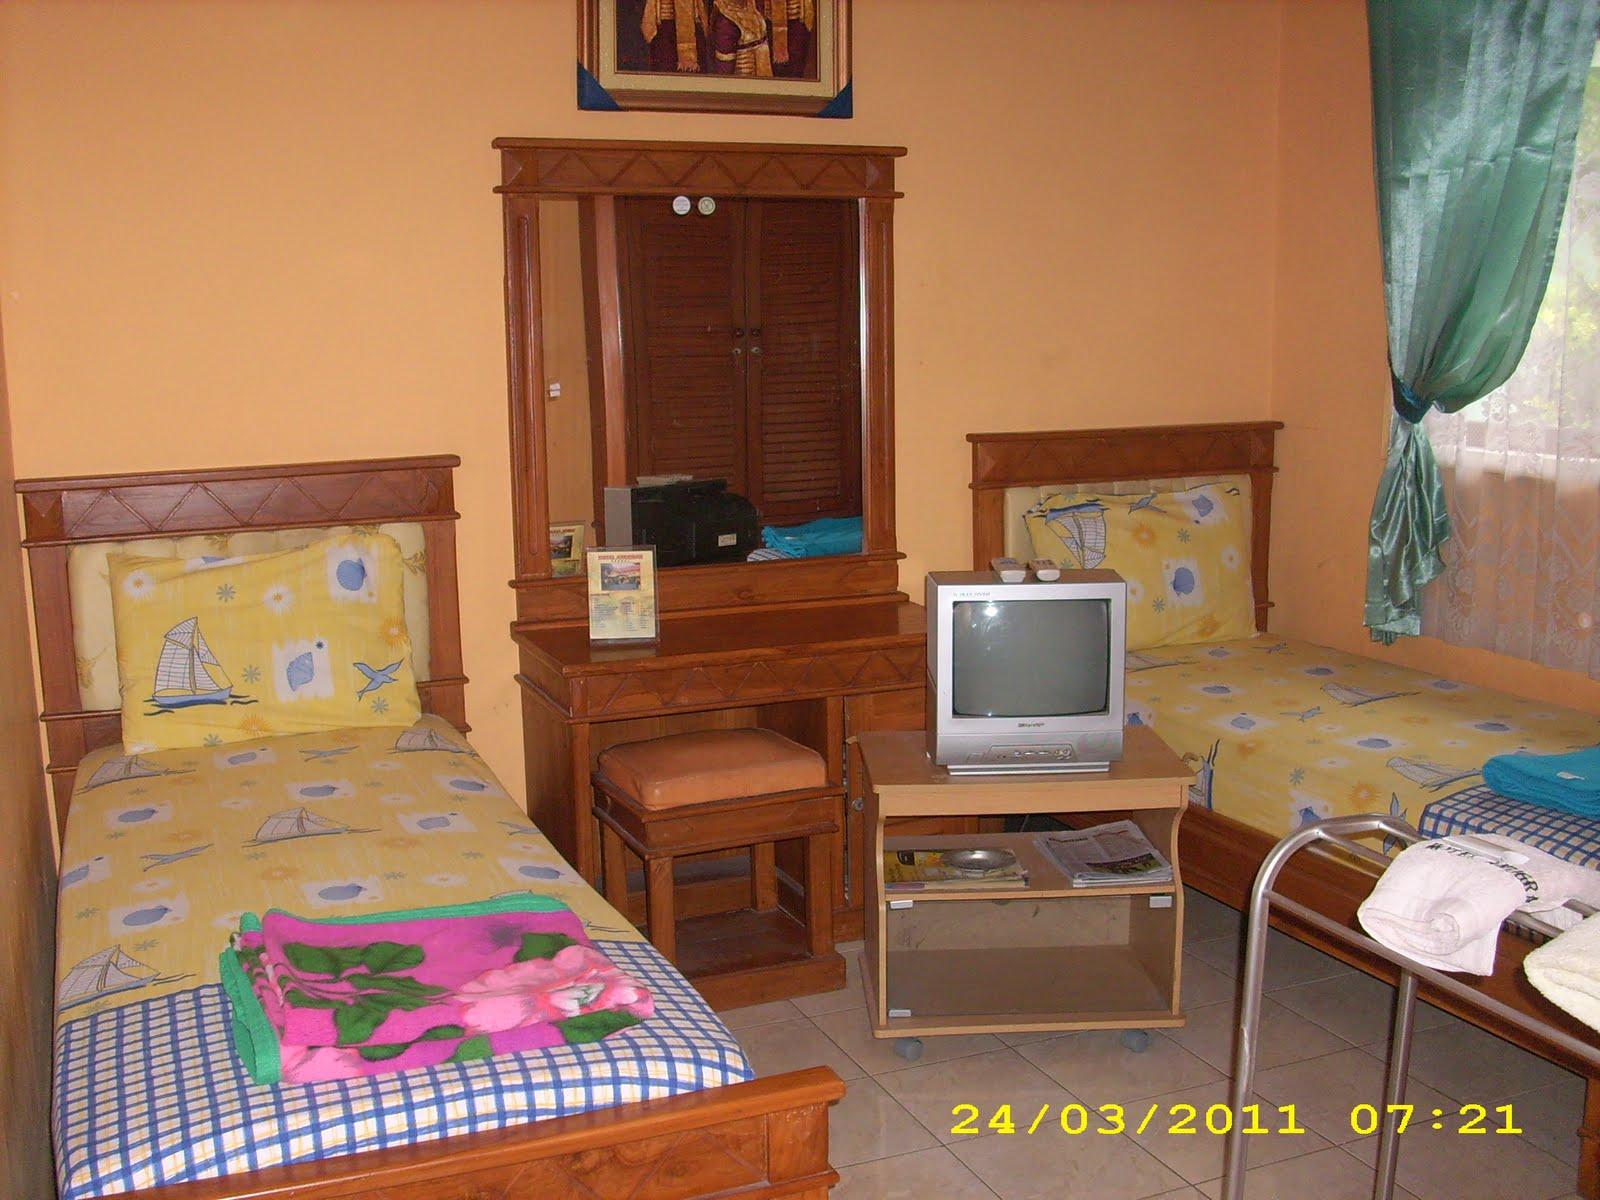 Anugrah Hotel Hotel Anugrah Pkpri Kab Kendal Tarif Kamar Hotel Anugrah